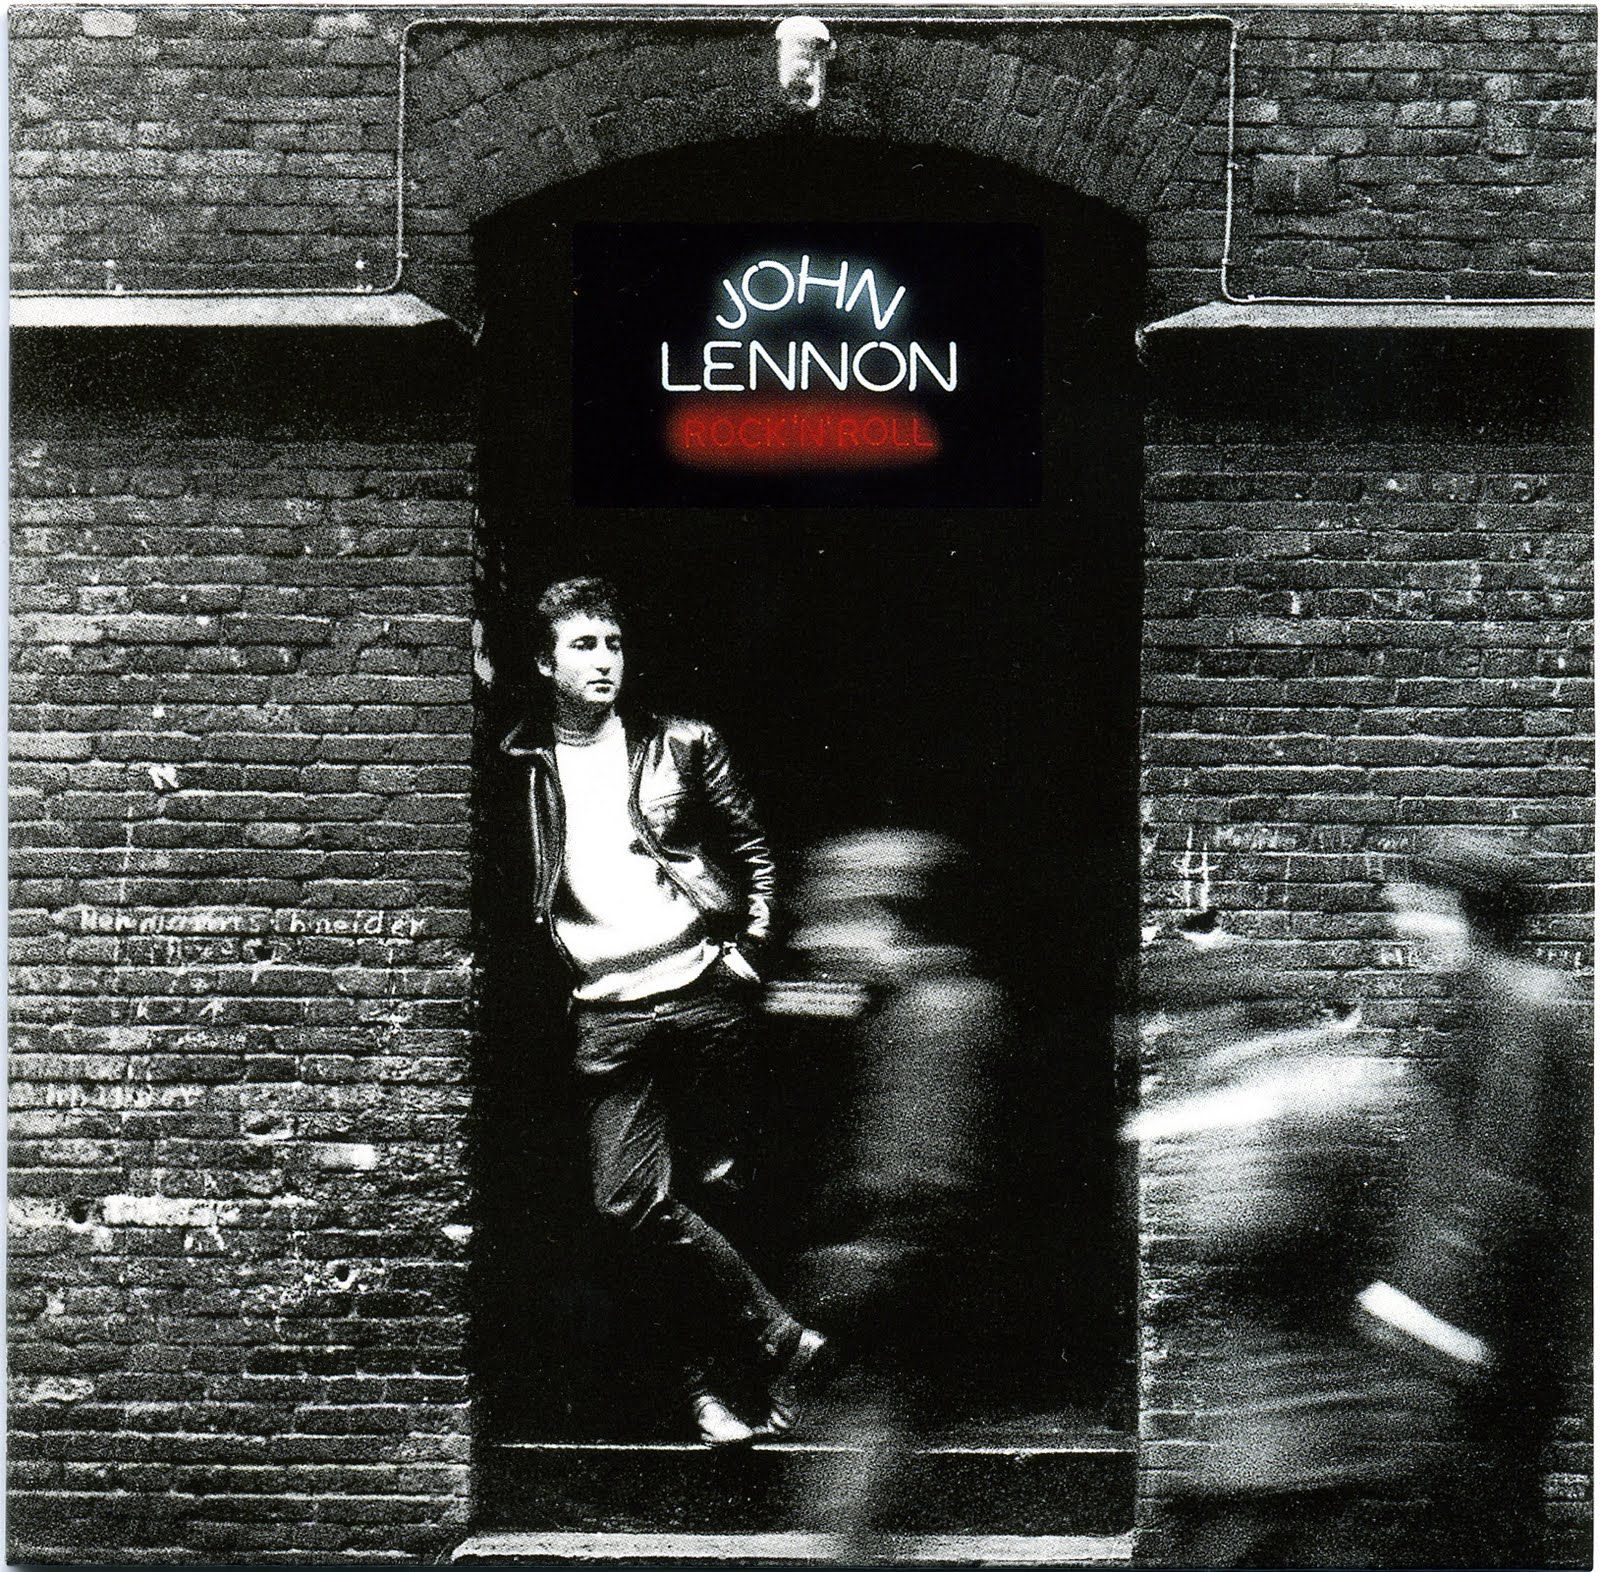 Rock And Roll De John Lennon John Lennon Albums John Lennon The Beatles